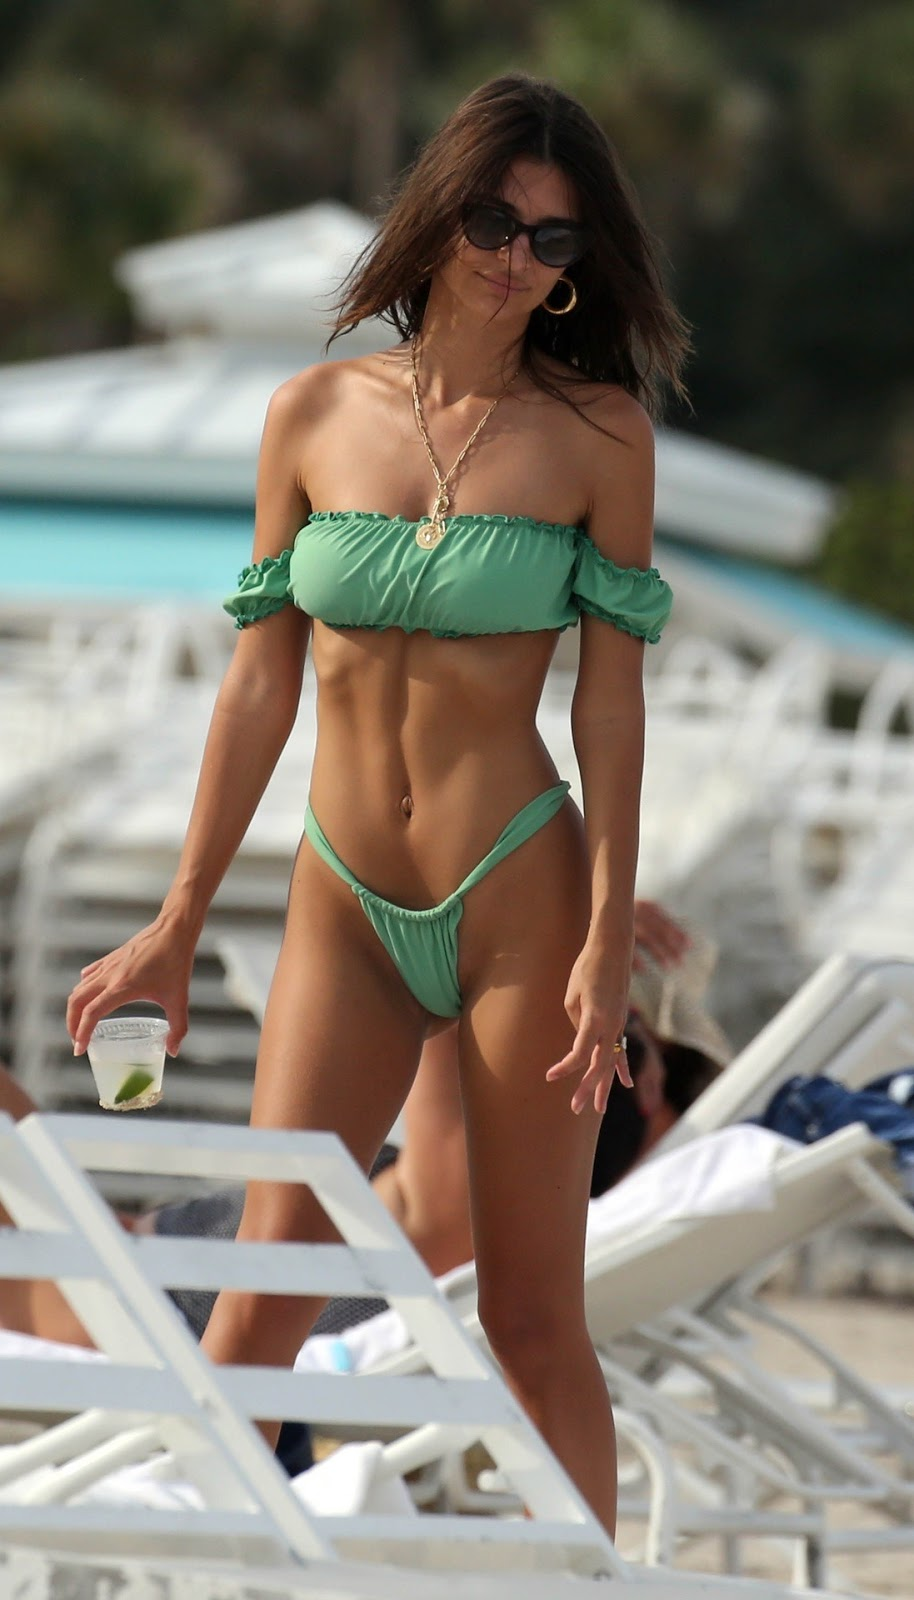 Емілі Ратаковскі в зеленому купальнику на пляжі в Маямі.